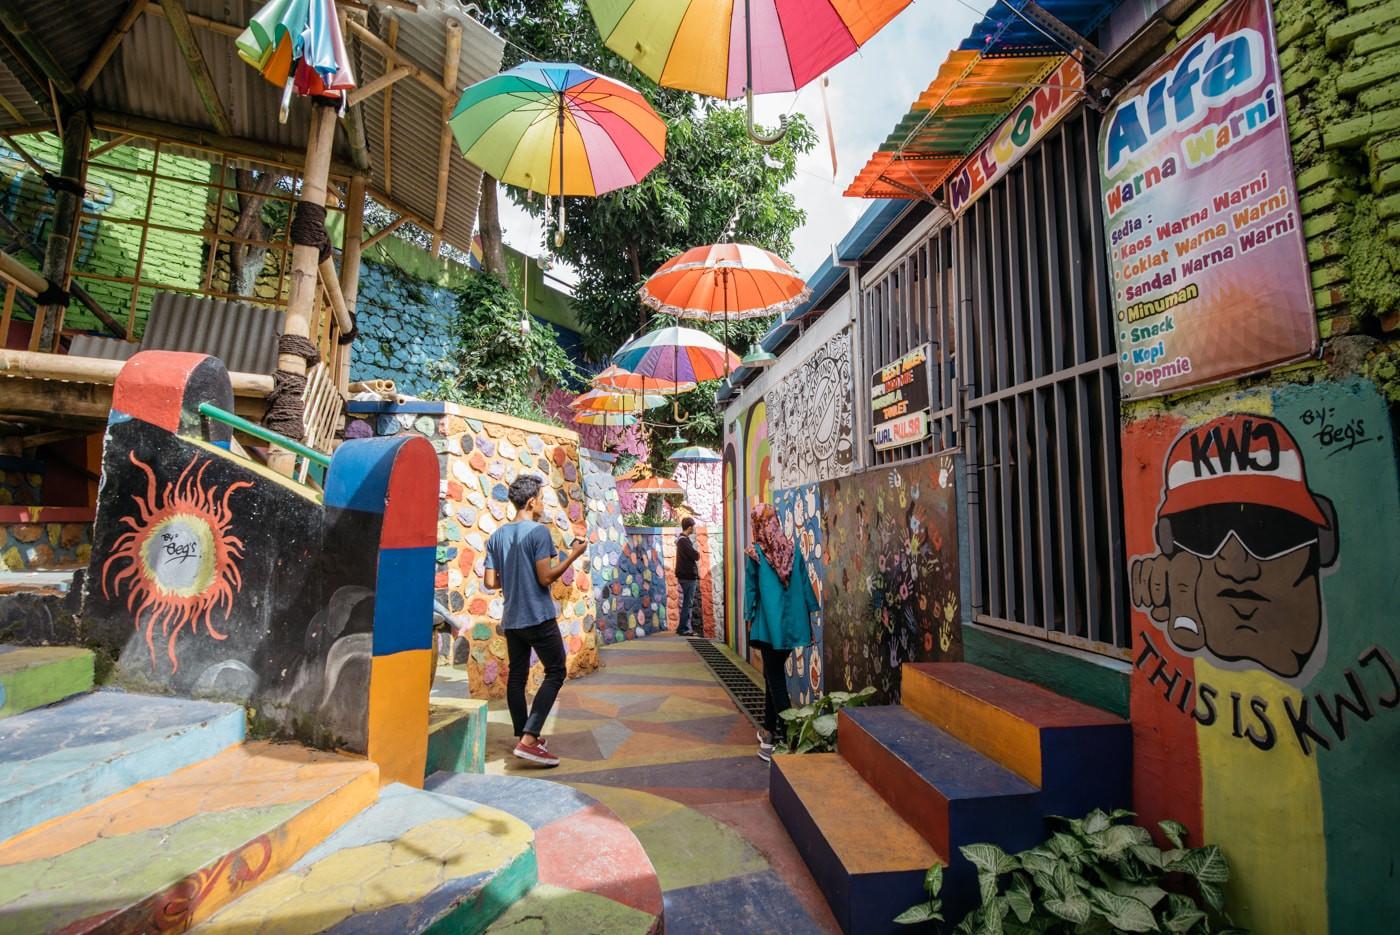 Kampung Jodipan - hành trình từ khu ổ chuột tới ngôi làng rực rỡ nhất Malang (Indonesia)